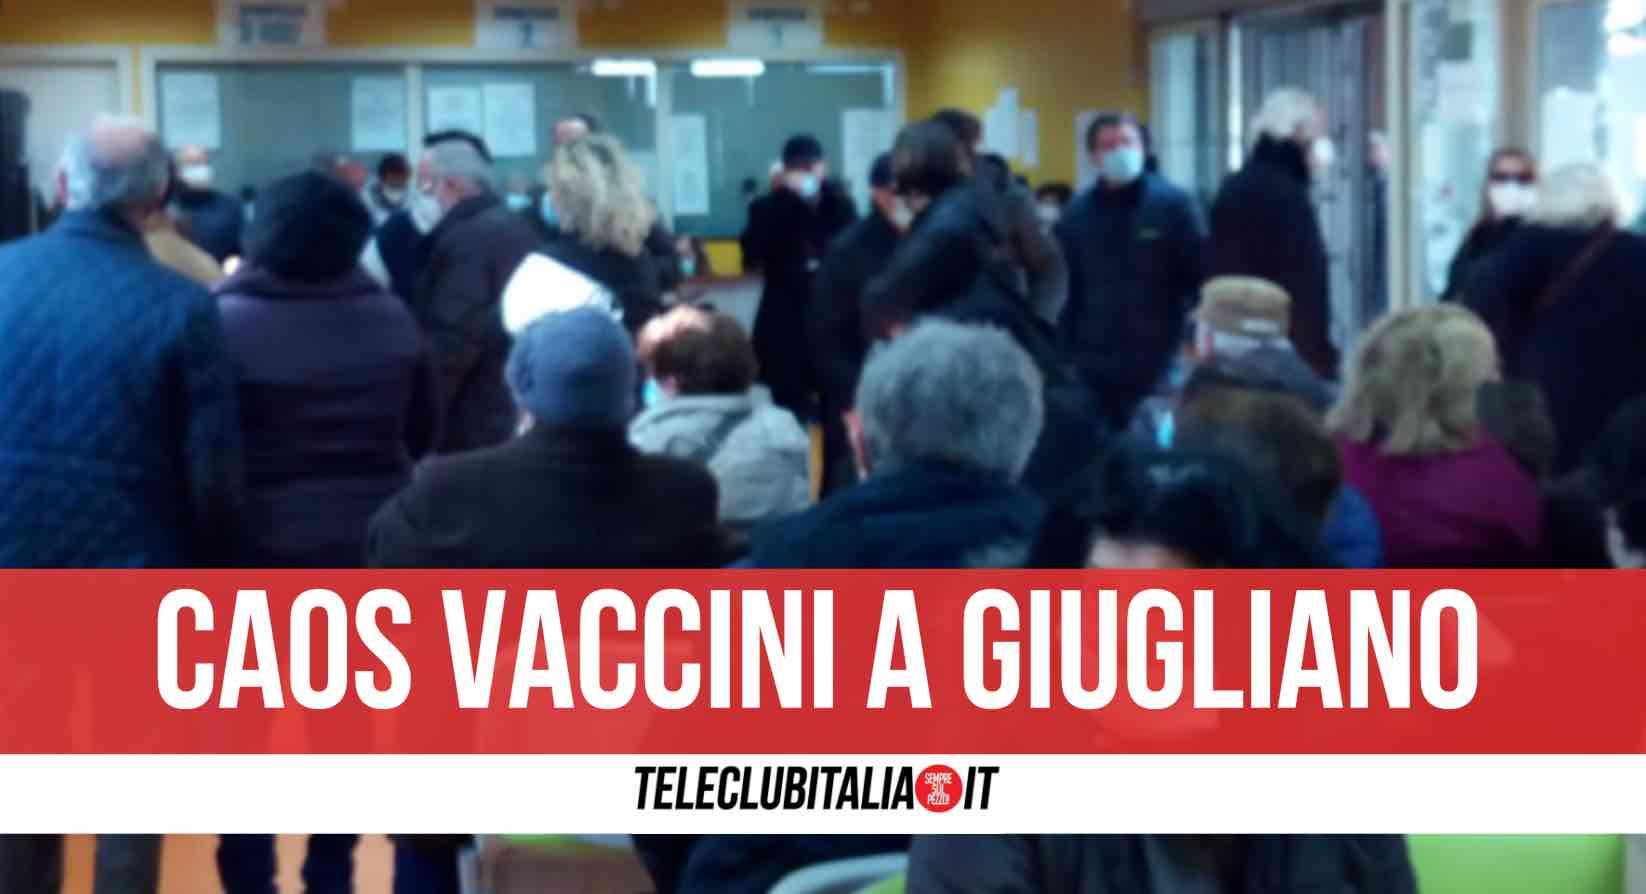 vaccini giugliano asl